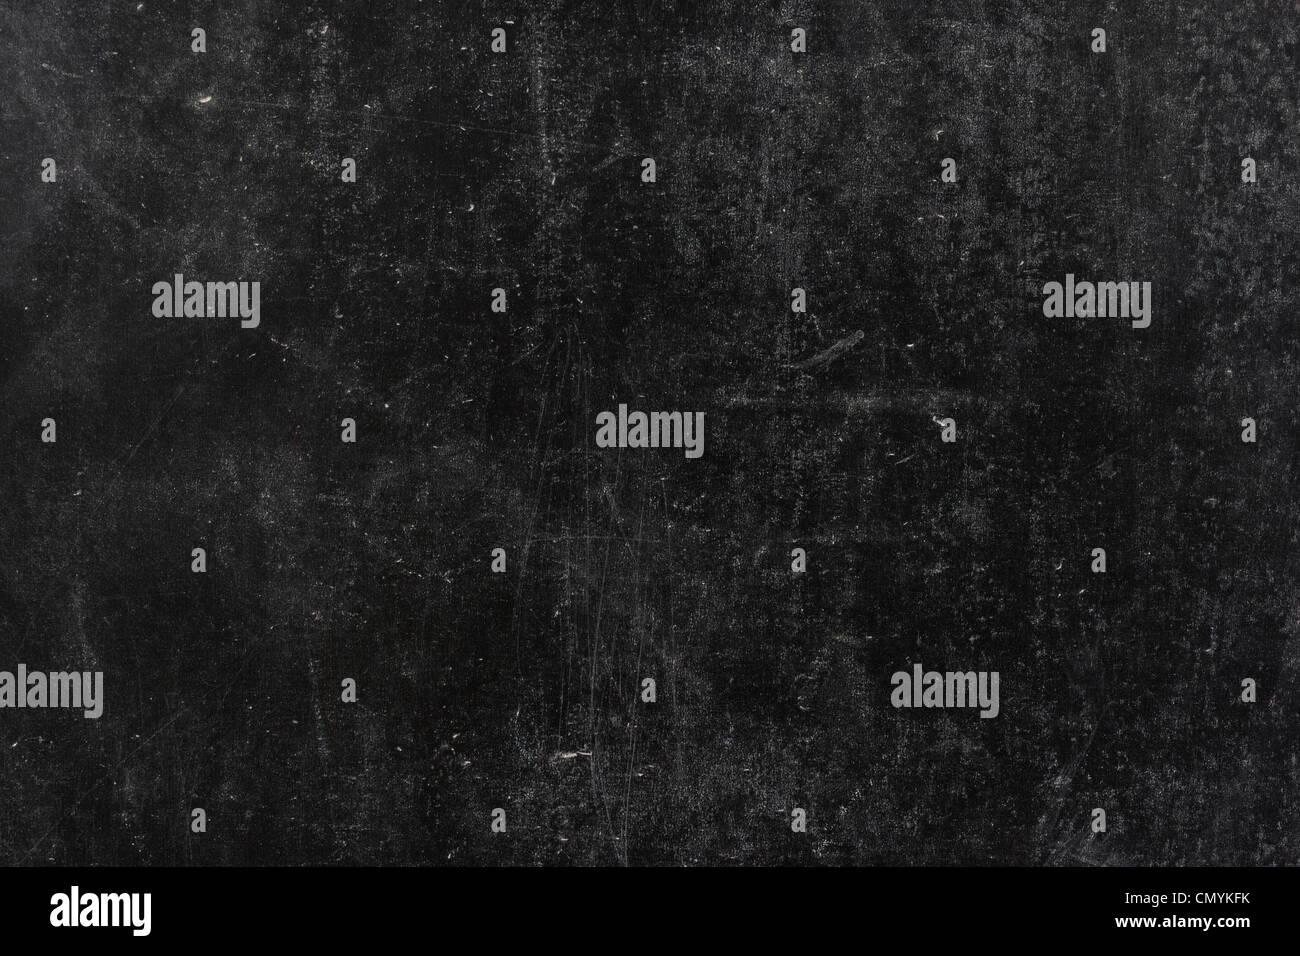 school blackboard texture - Stock Image